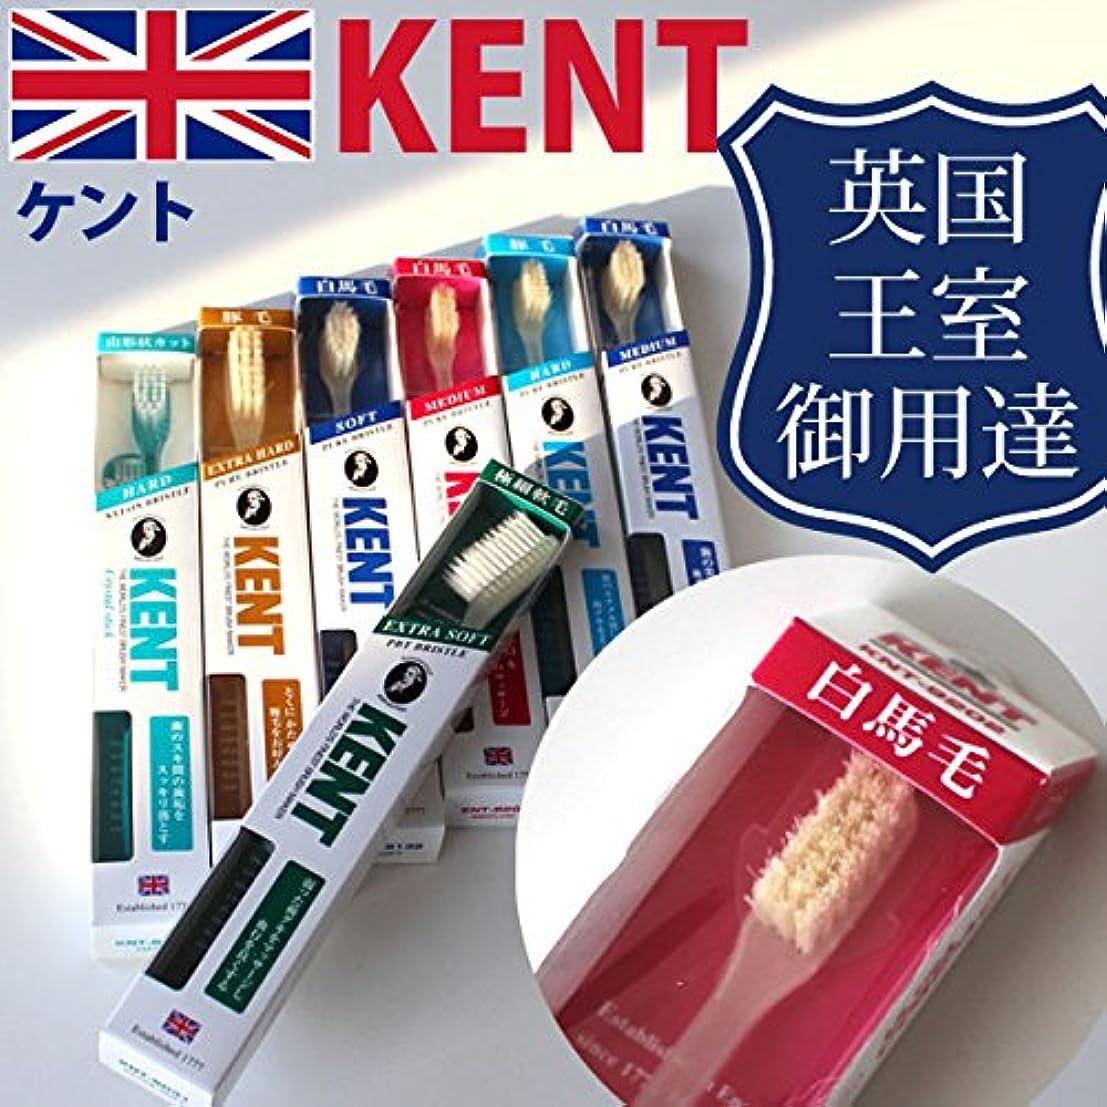 砦契約見えるケント KENT 白馬毛 超コンパクト歯ブラシ KNT-9102/9202 6本入り 他のコンパクトヘッドに比べて歯 やわらかめ